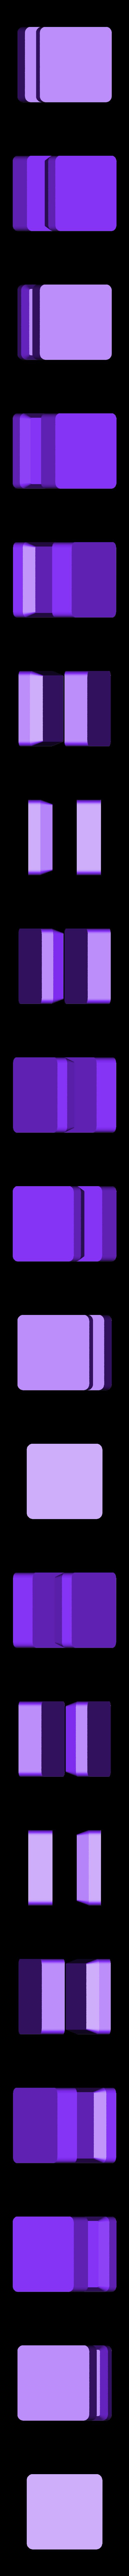 torre_extr_2.stl Télécharger fichier STL gratuit Calibrage de l'extrudeuse double • Objet à imprimer en 3D, saginau